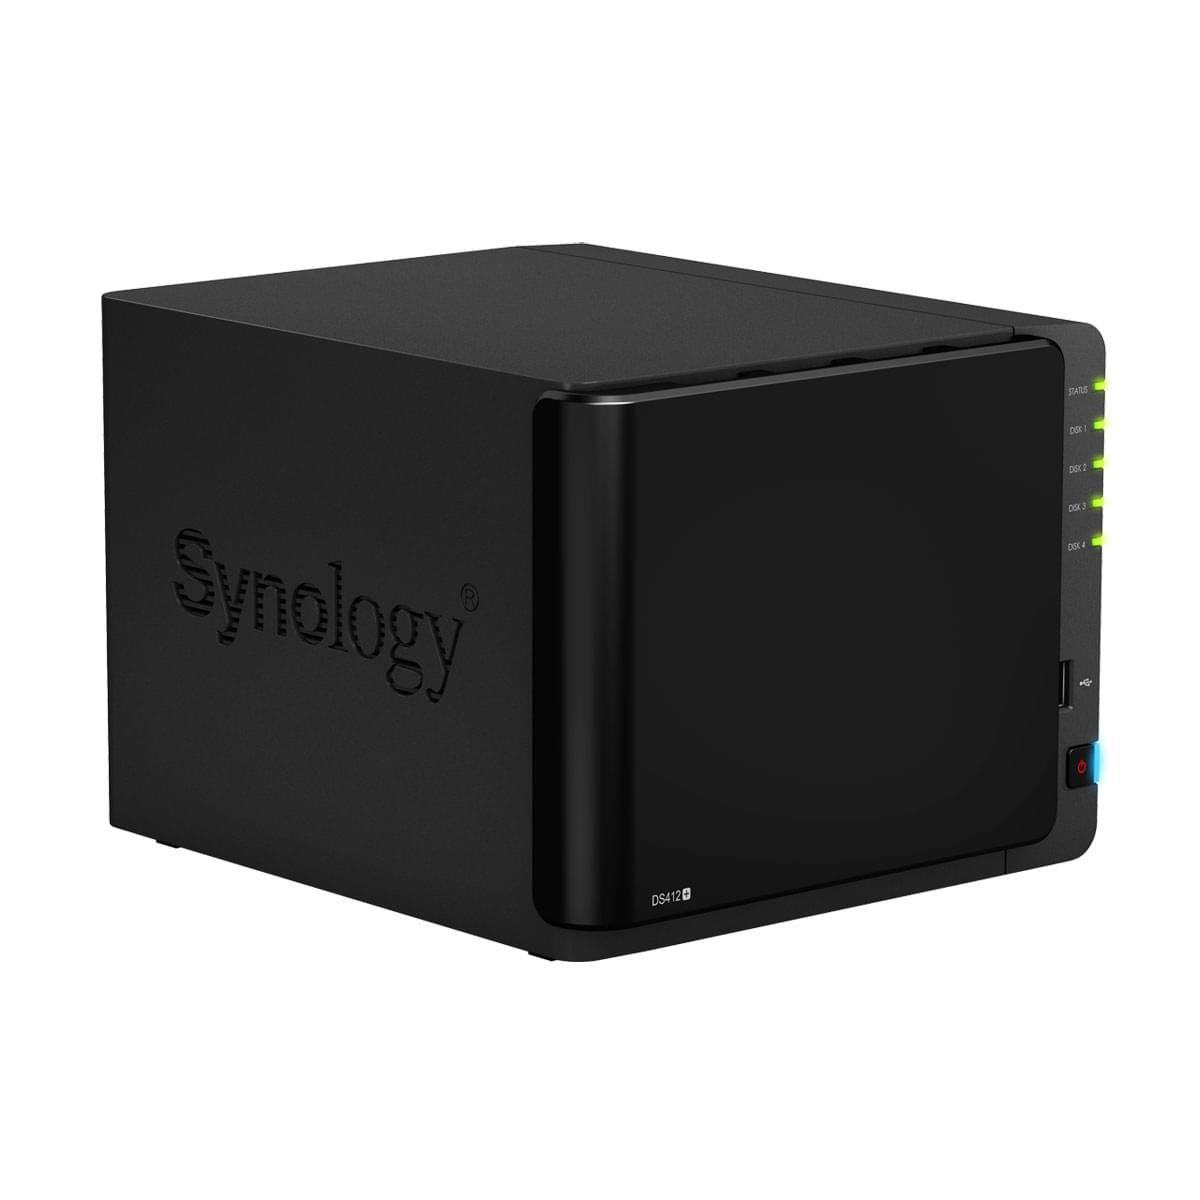 Synology NAS RJ45 (DS412+) - Achat / Vente Boîtier externe sur Cybertek.fr - 0